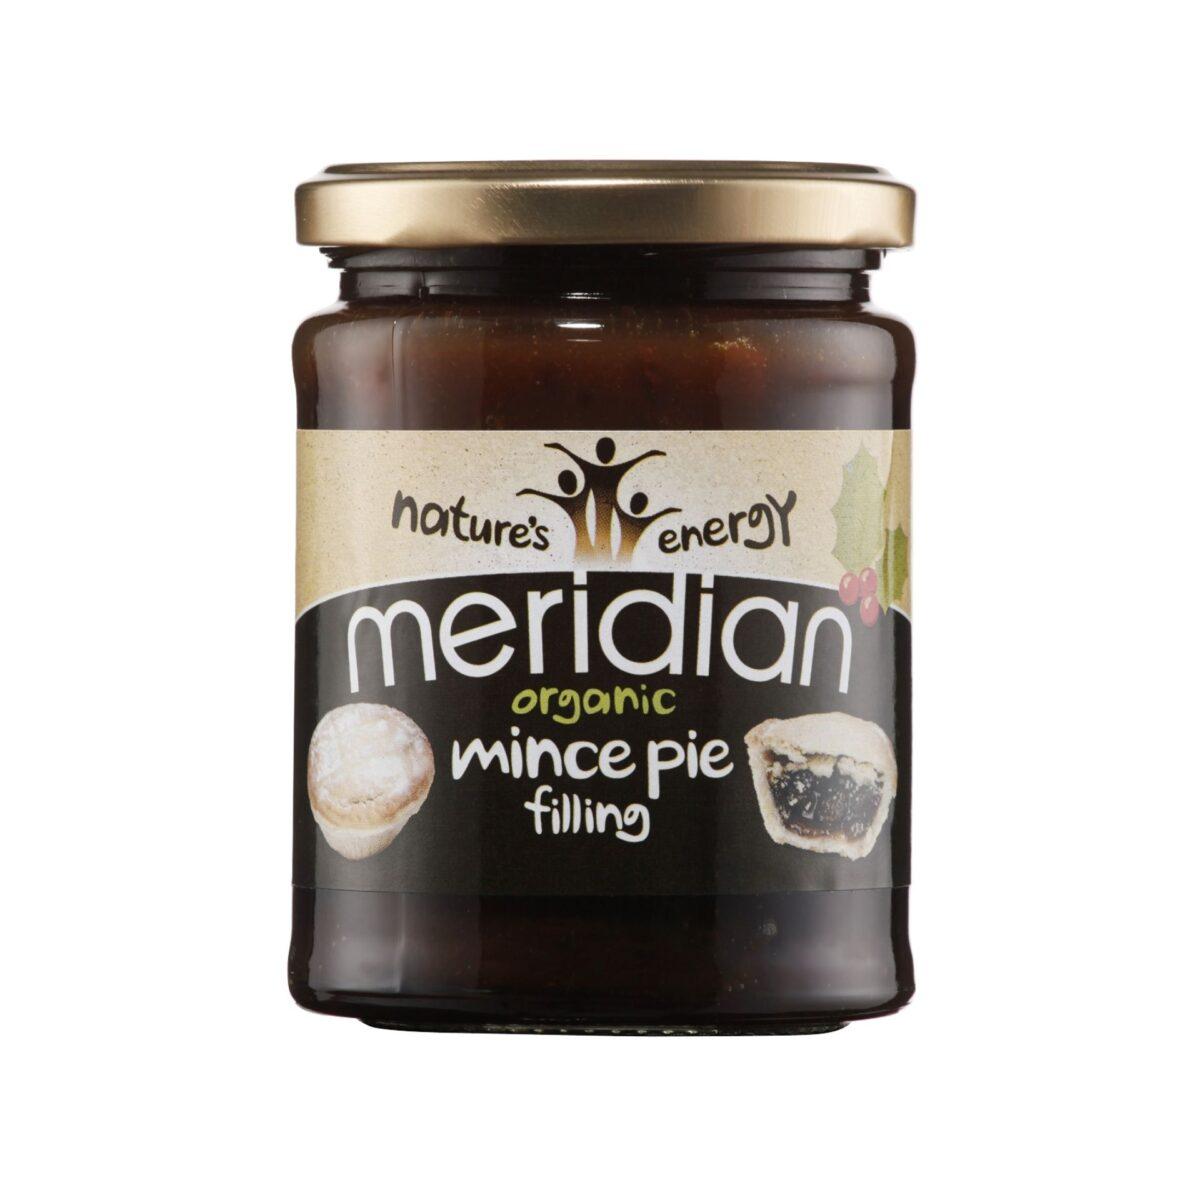 Meridian-Mince-Pie-Filling-581124